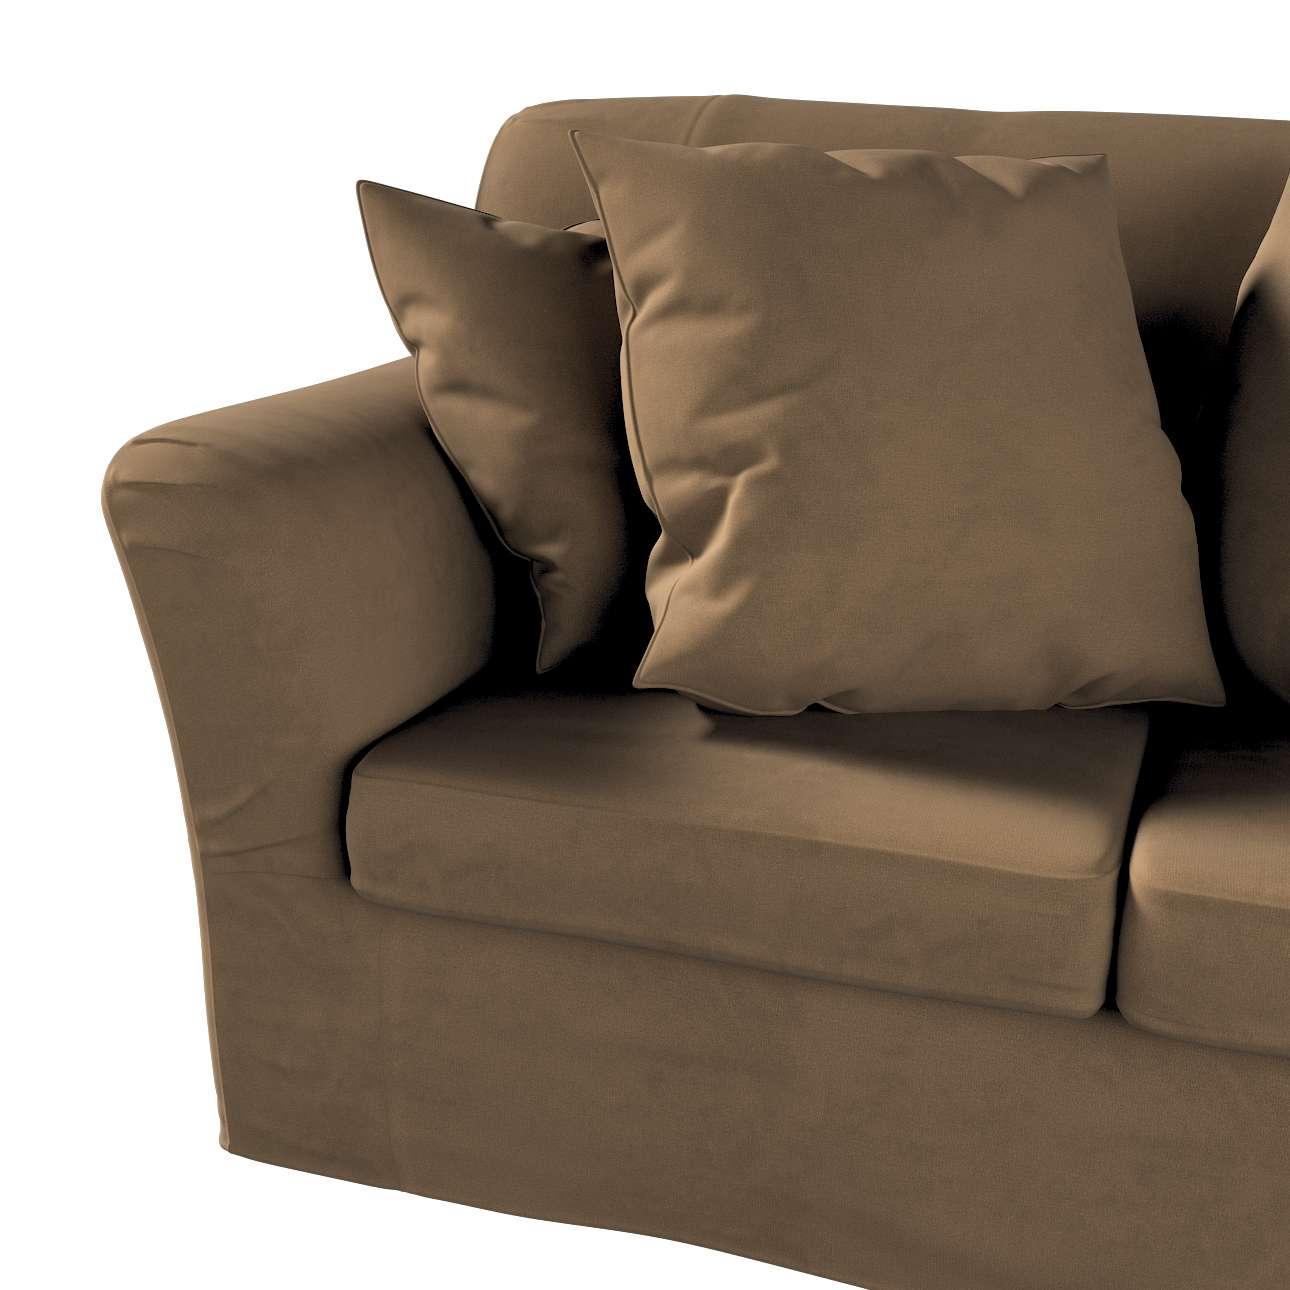 Pokrowiec na sofę Tomelilla 2-osobową nierozkładaną w kolekcji Living, tkanina: 160-94